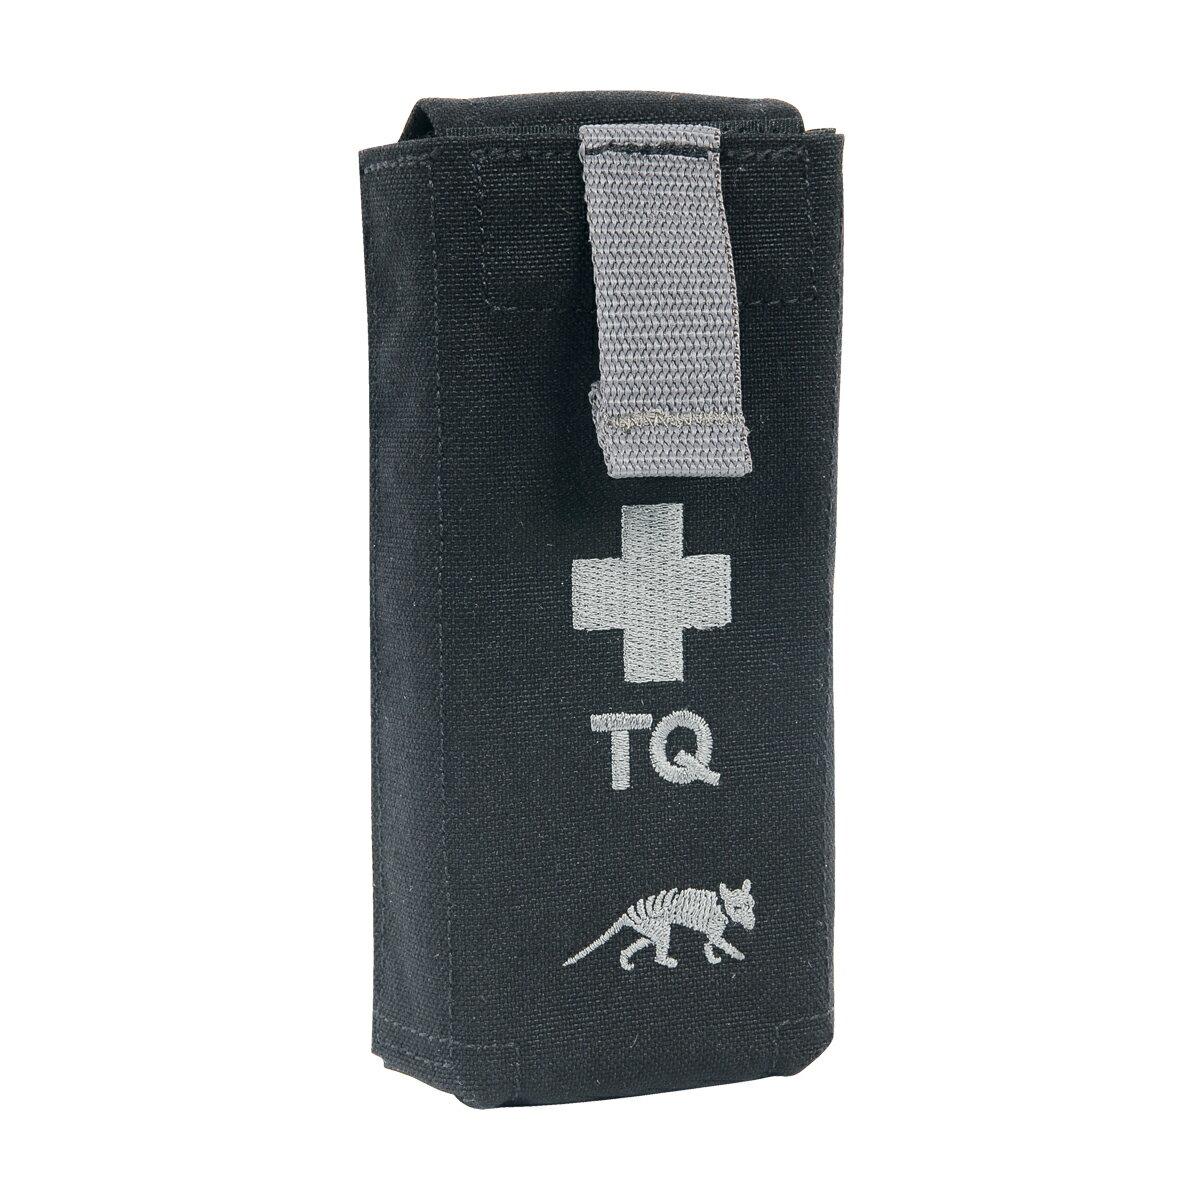 【タスマニアンタイガー】ターニケット ポーチ 2・Tasmanian Tiger 【正規輸入代理店直売】